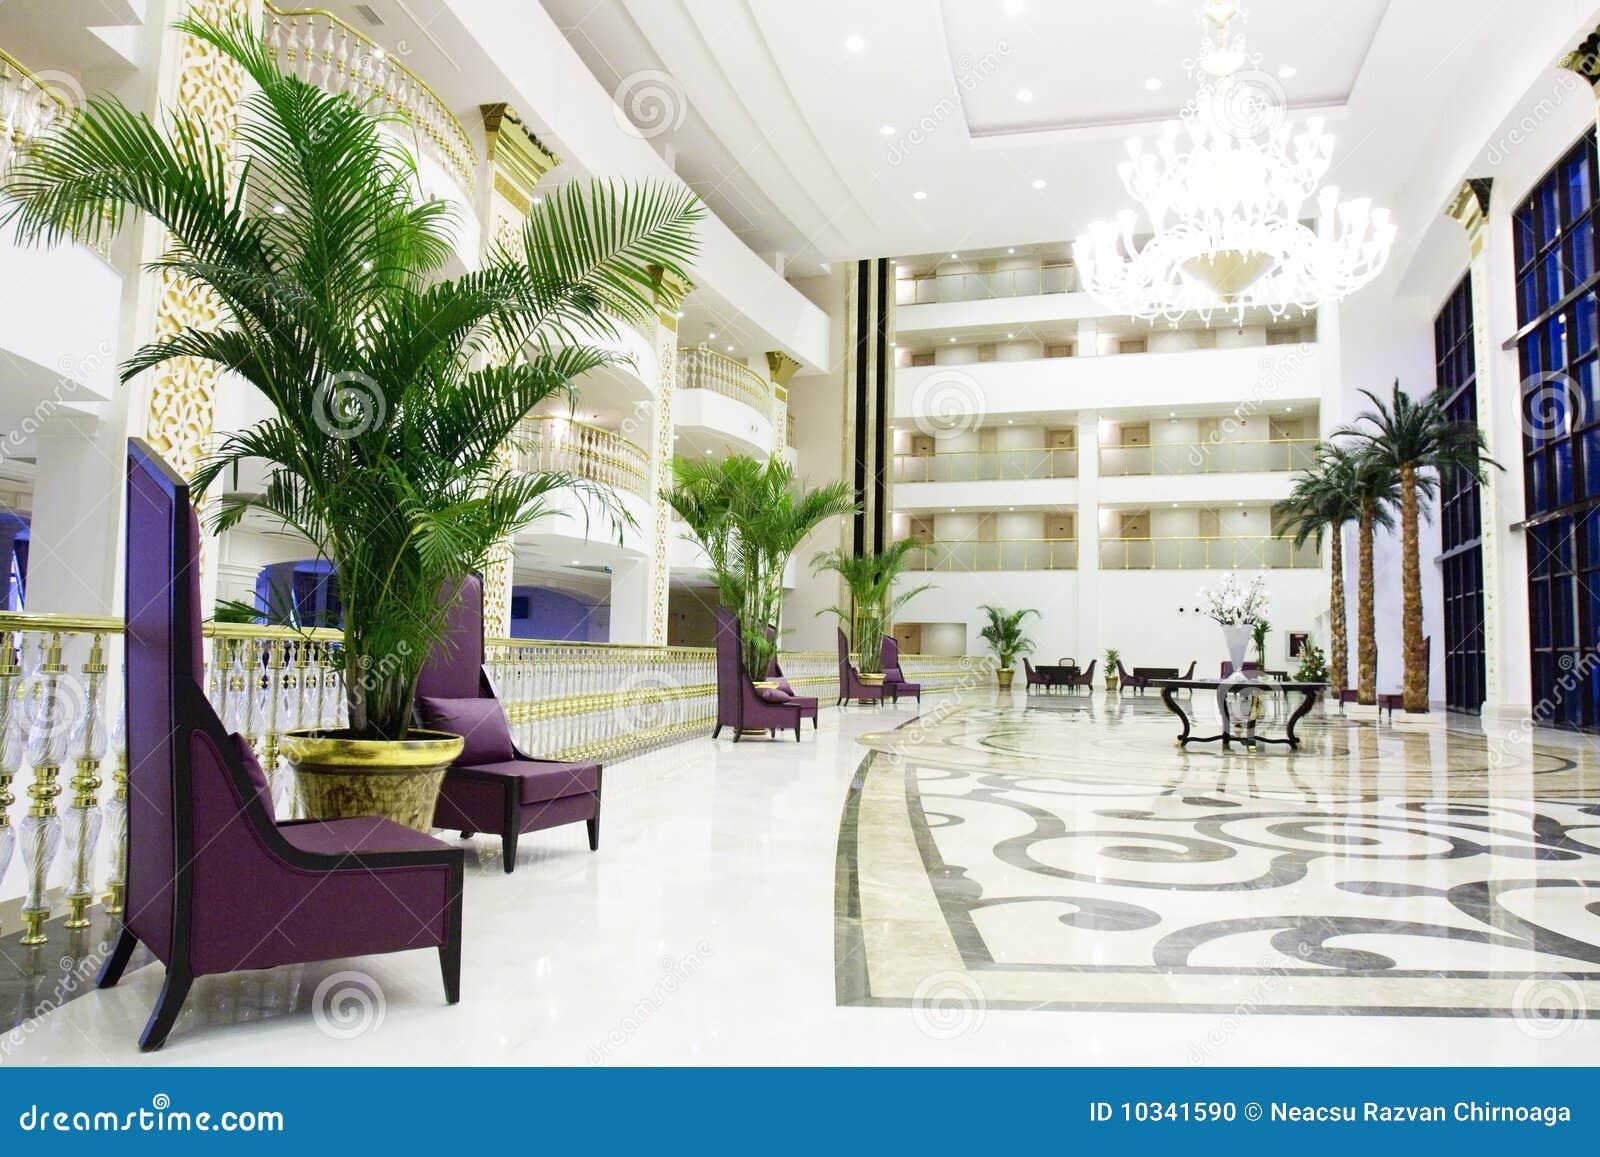 Hotel Di Lusso Interni : Lusso interno dellingresso del kemer dellhotel moderno fotografia